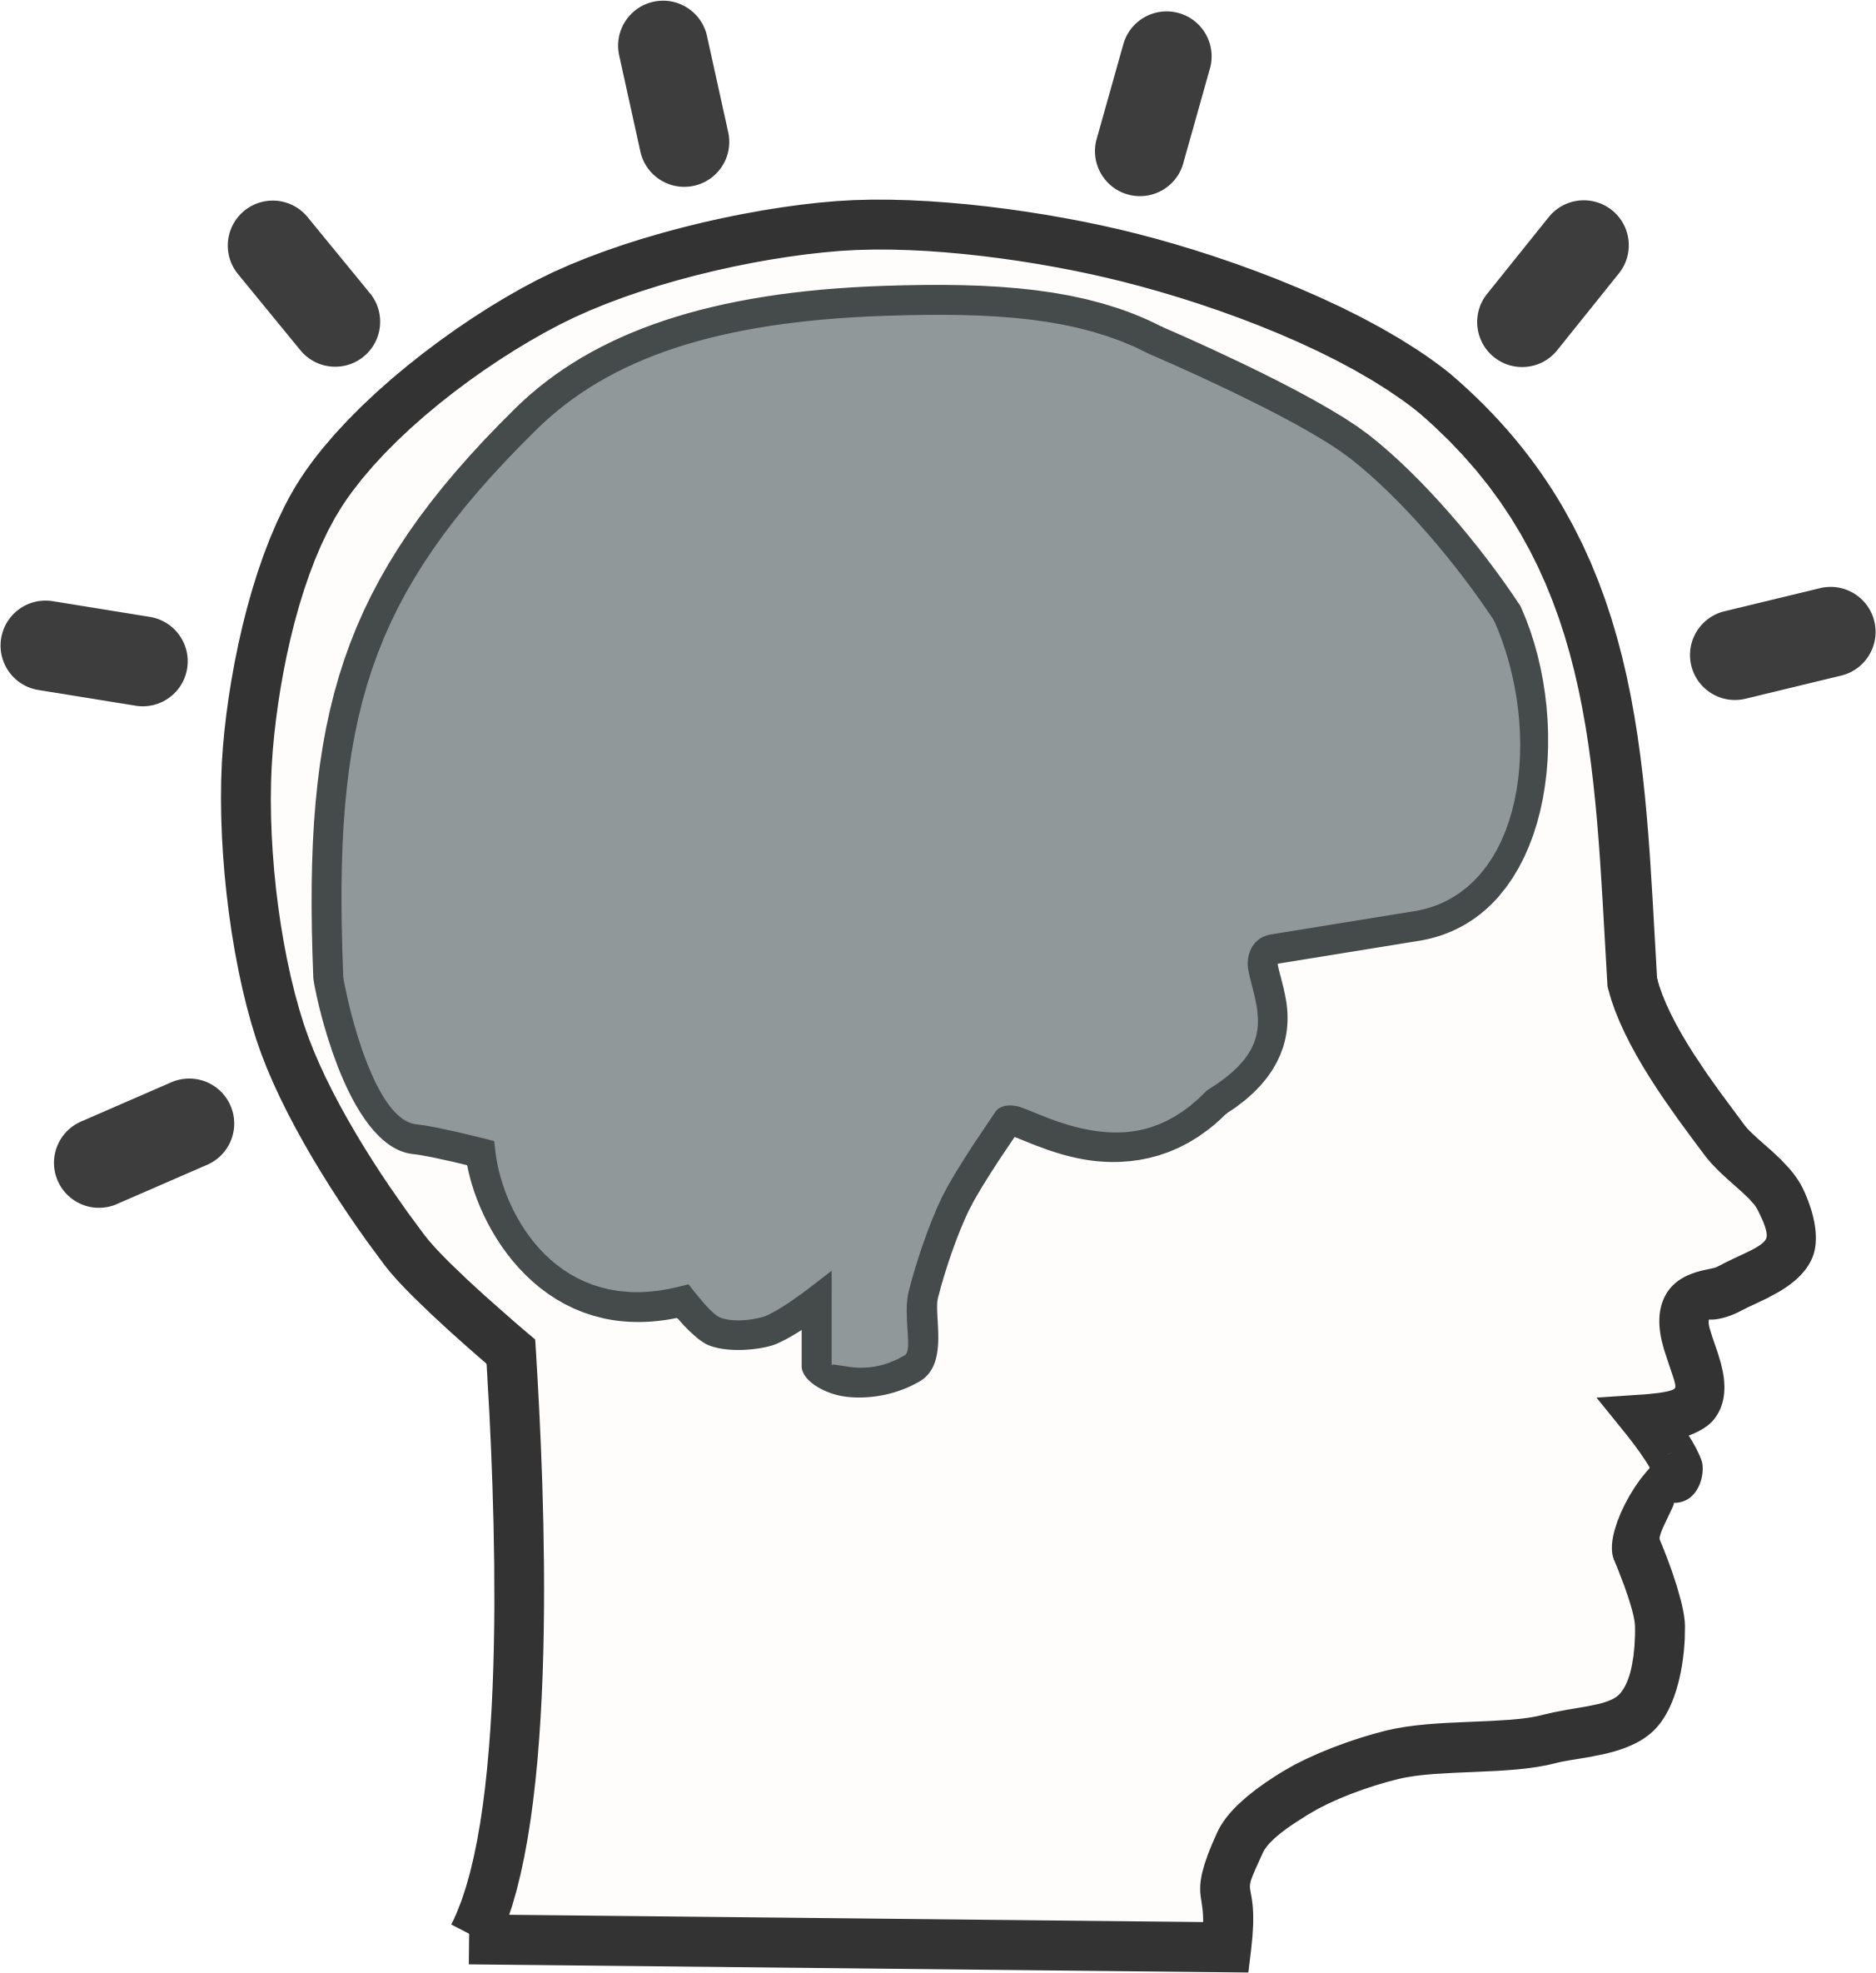 Brain Clipart 4 2-Brain clipart 4 2-3